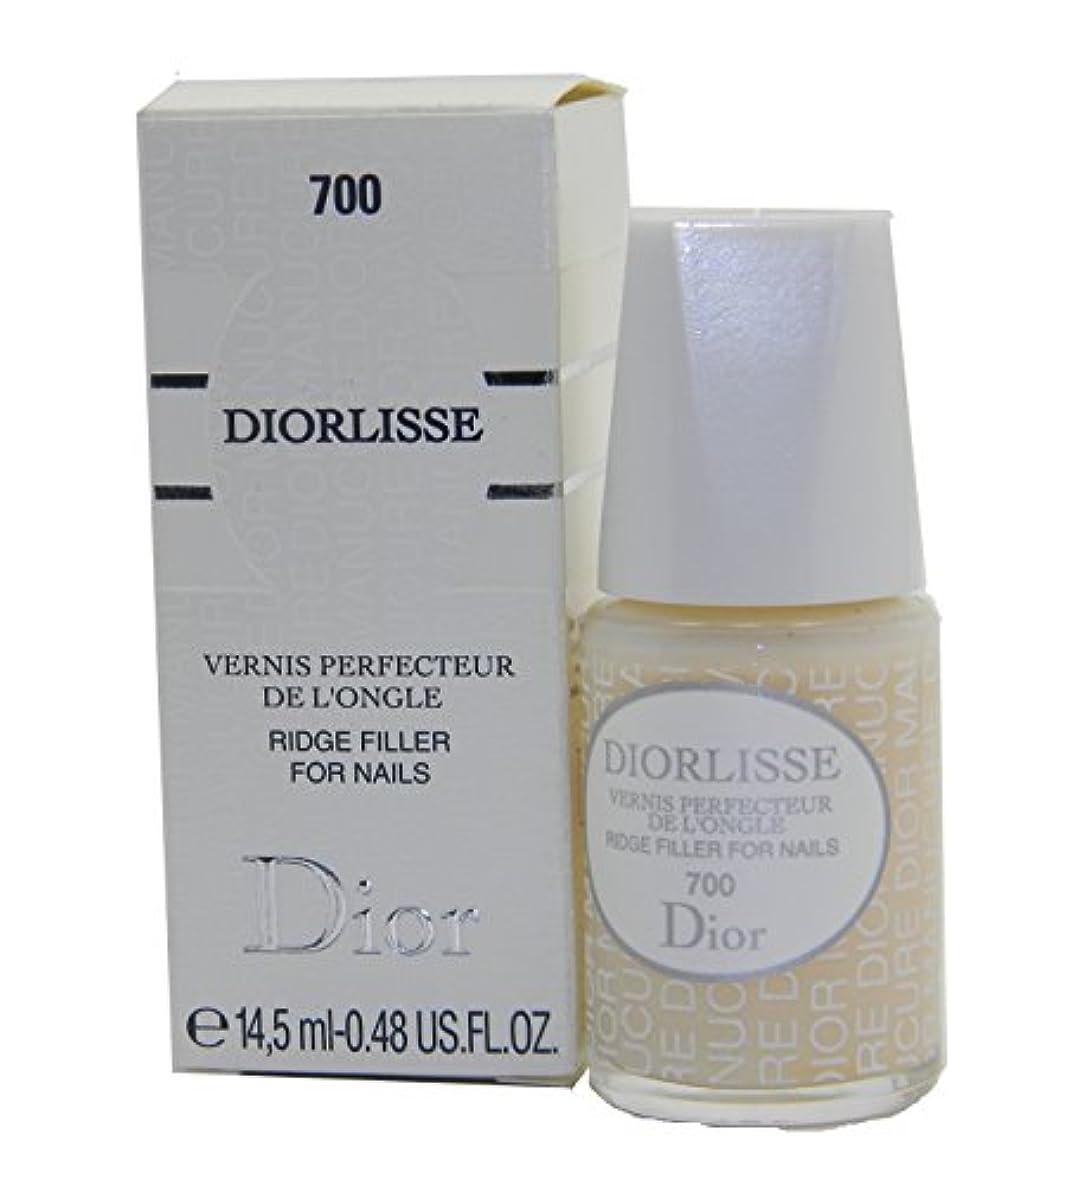 死傷者適合インペリアルDior Diorlisse Ridge Filler For Nail 700(ディオールリス リッジフィラー フォーネイル 700)[海外直送品] [並行輸入品]